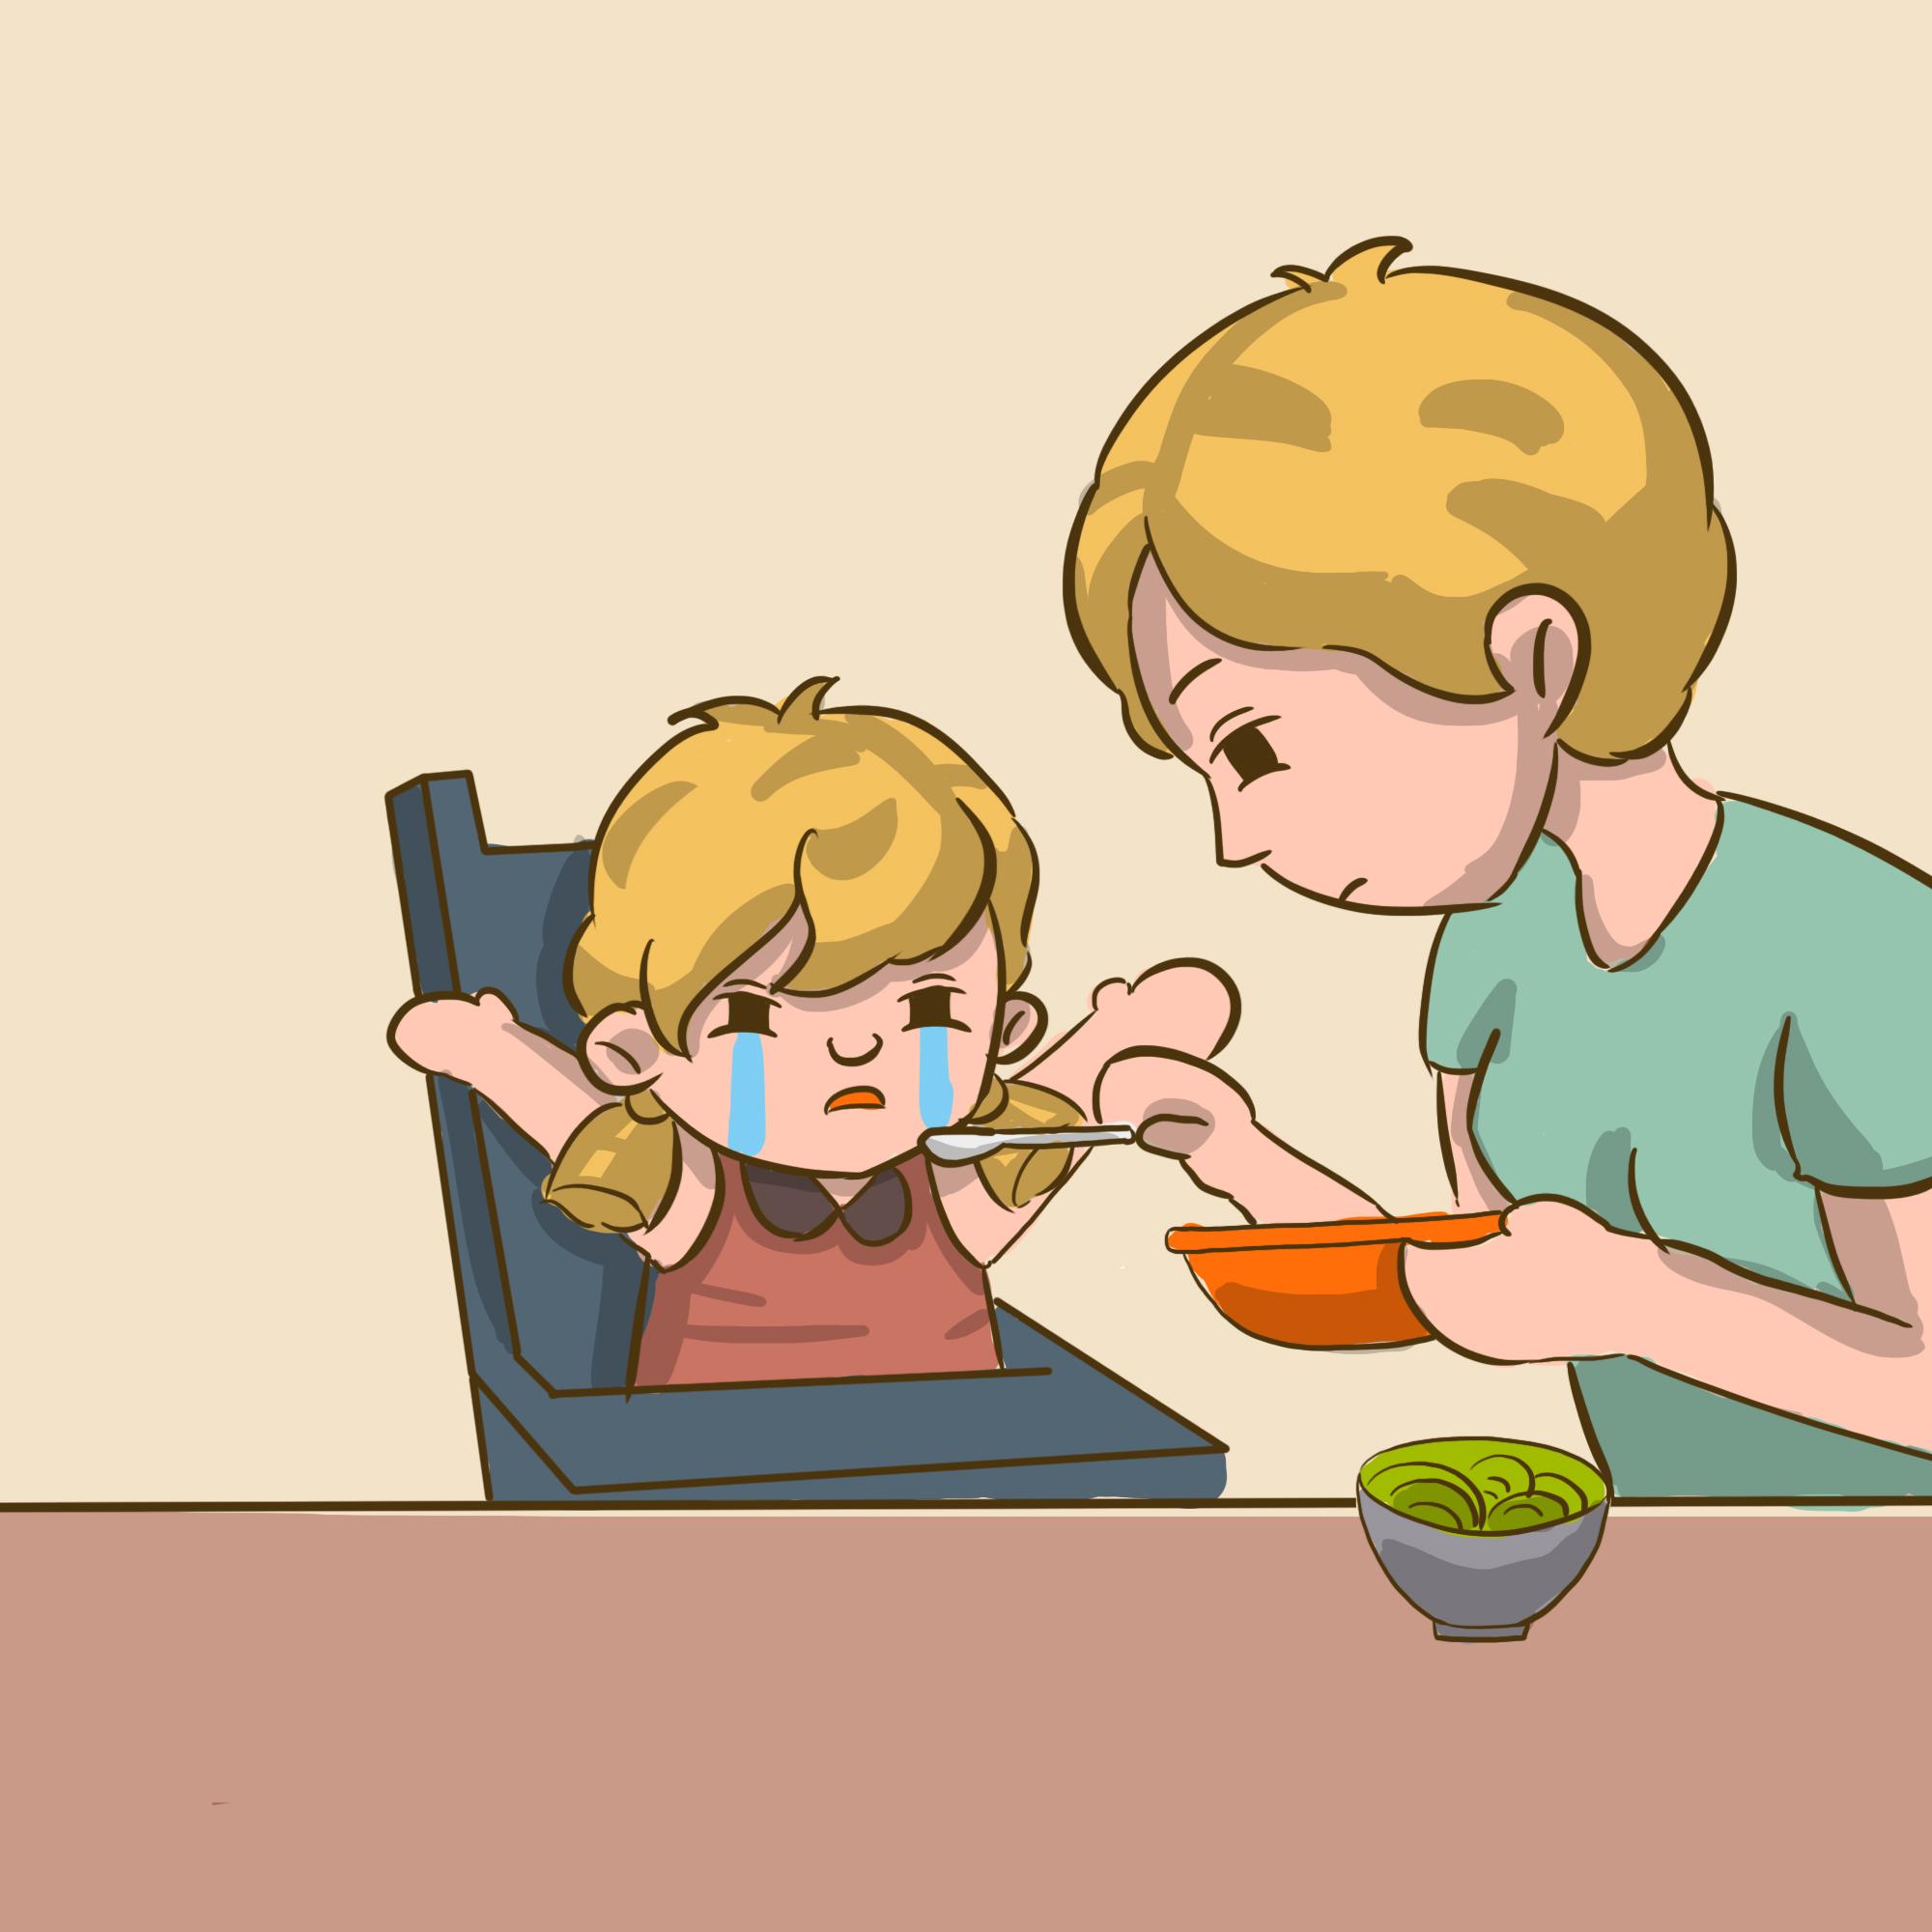 丁桂薏芽健脾凝胶功效是什么?孩子健康成长的